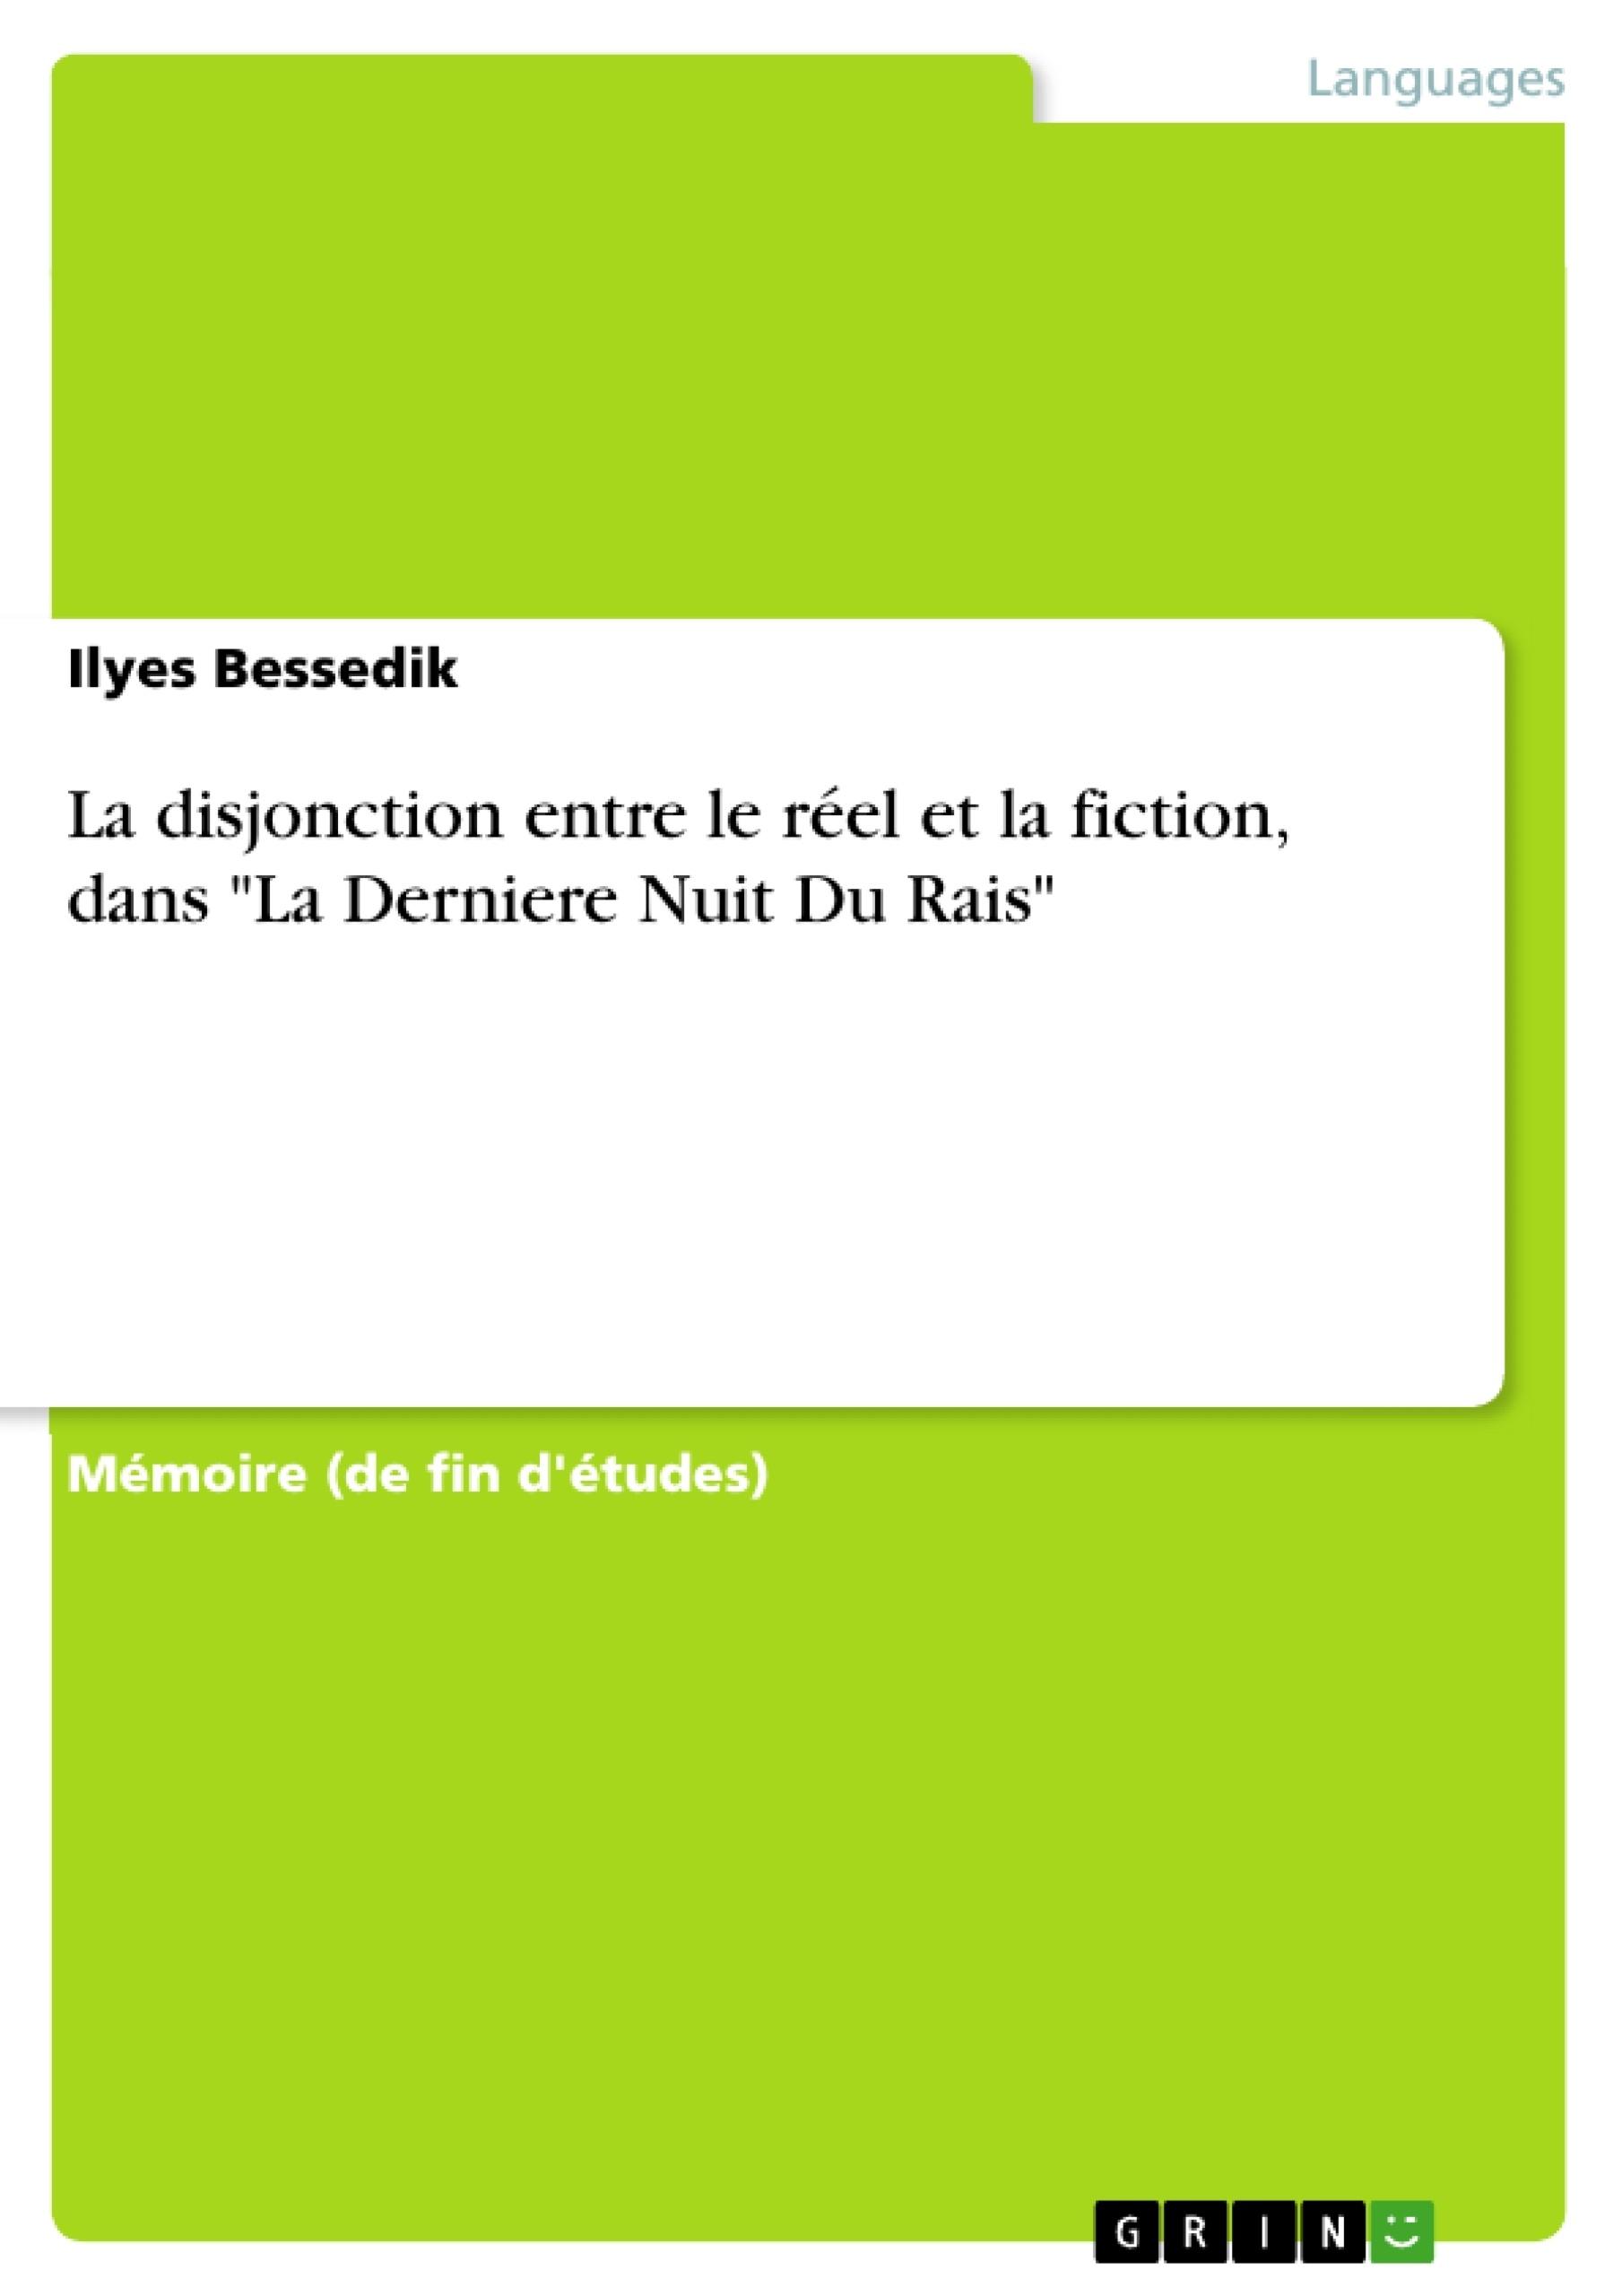 """Titre: La disjonction entre le réel et la fiction, dans """"La Derniere Nuit Du Rais"""""""